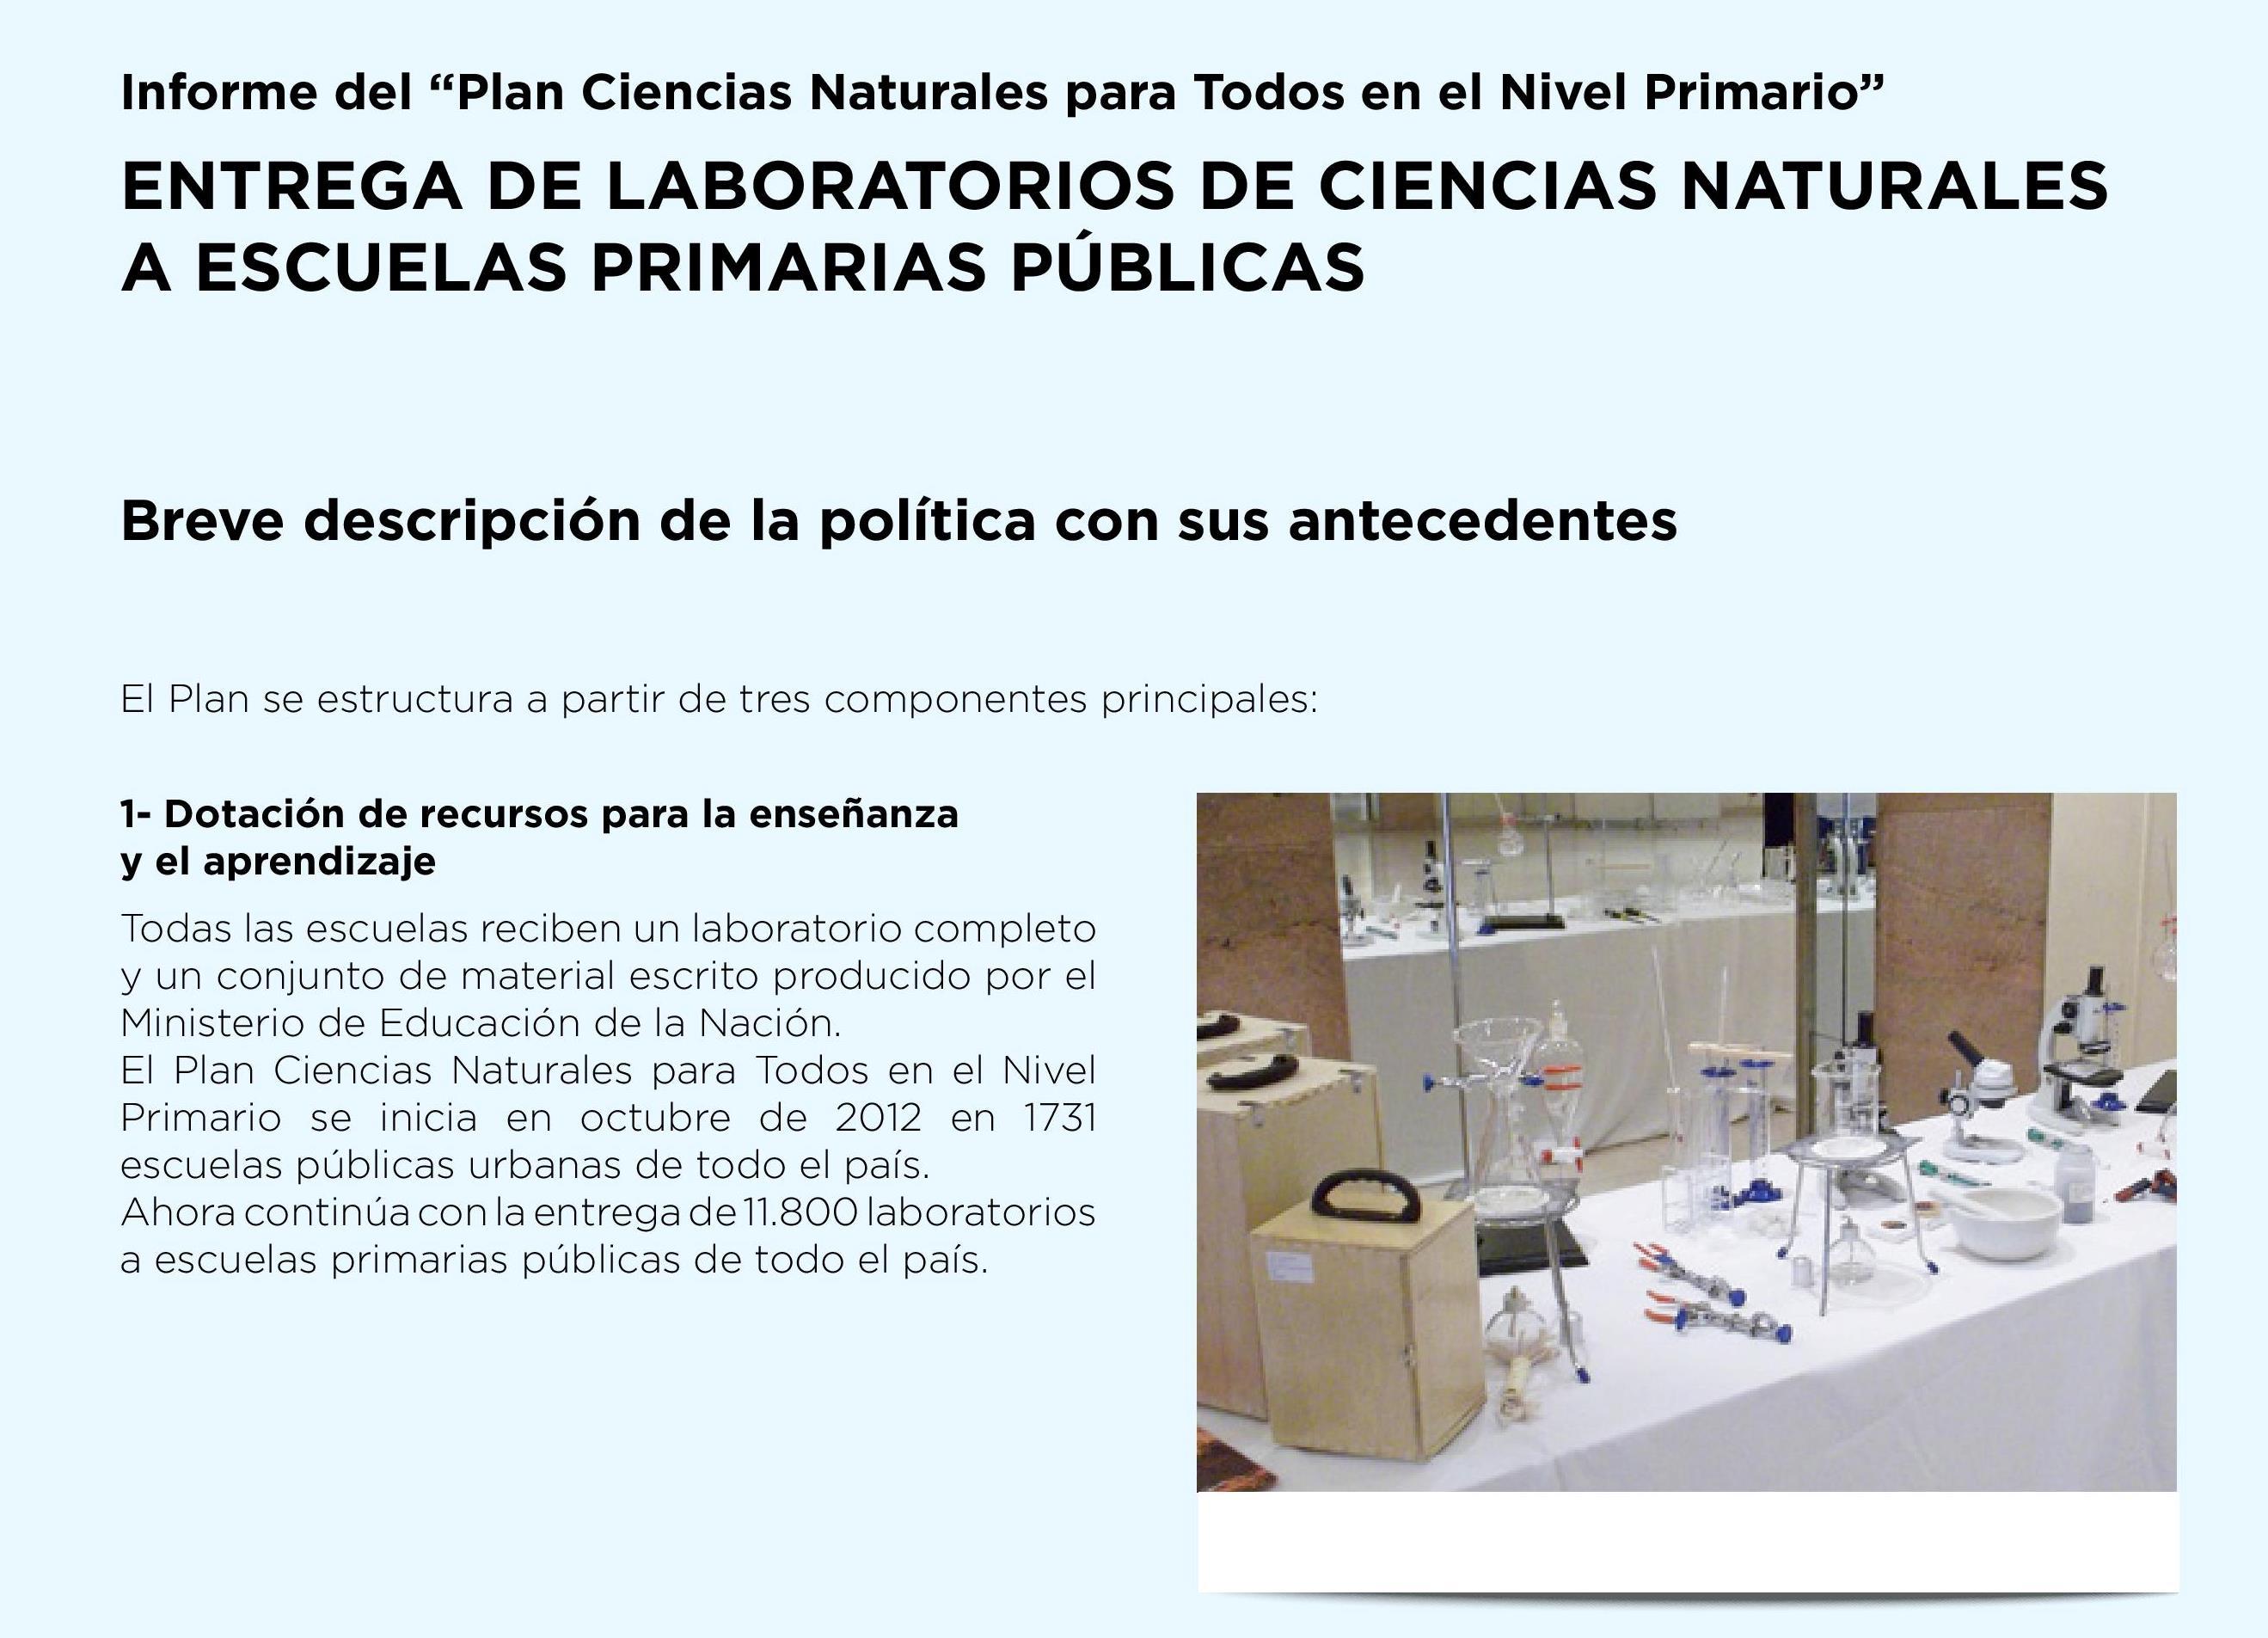 CIENCIAS NATURALES-page-001